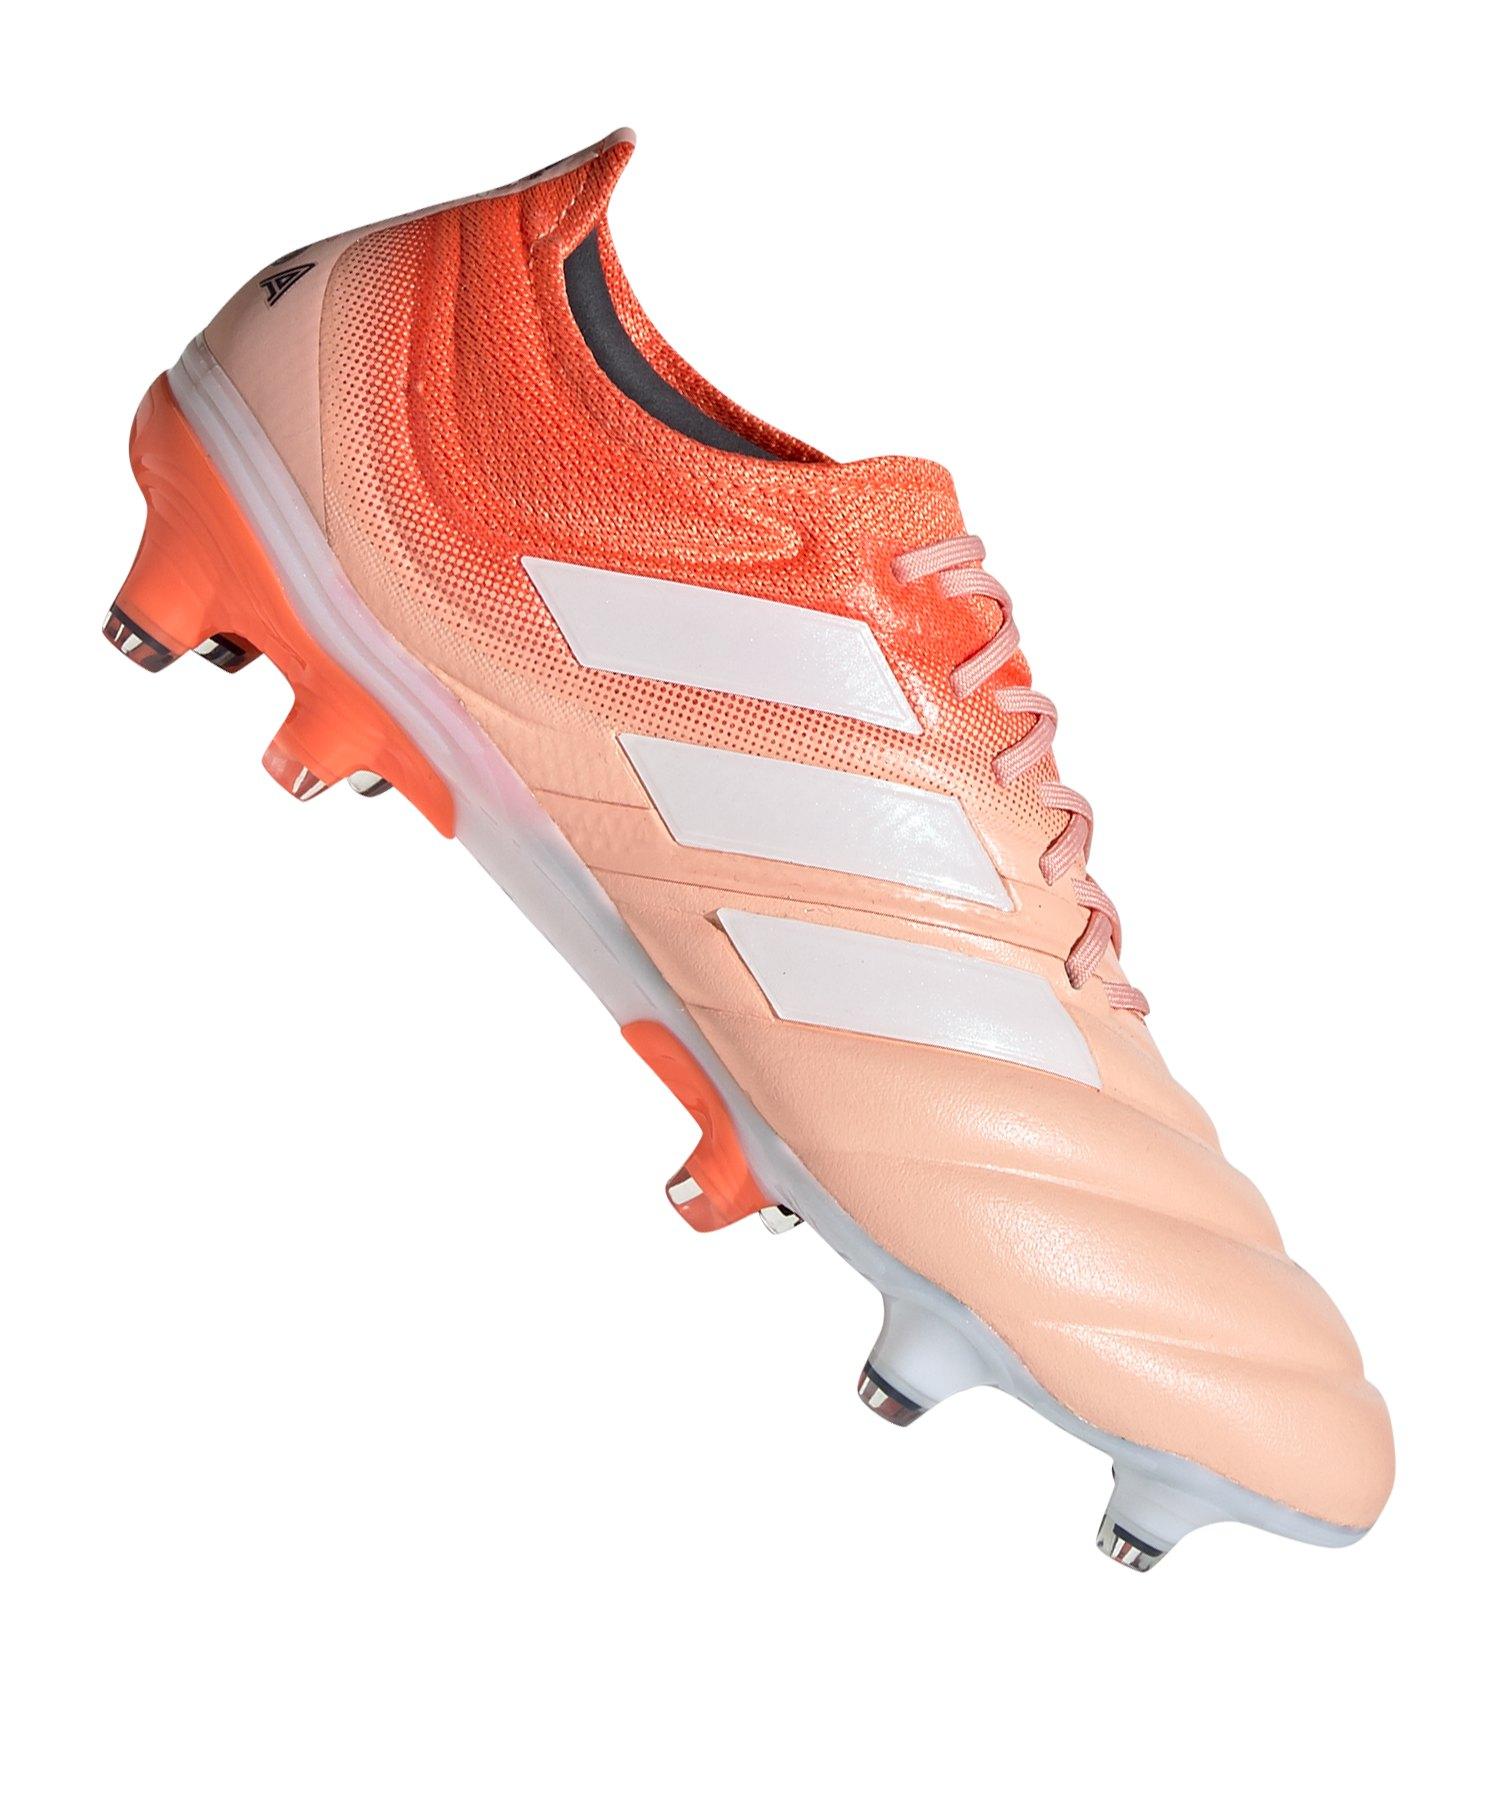 adidas COPA 19.1 FG Damen Orange Weiss - orange